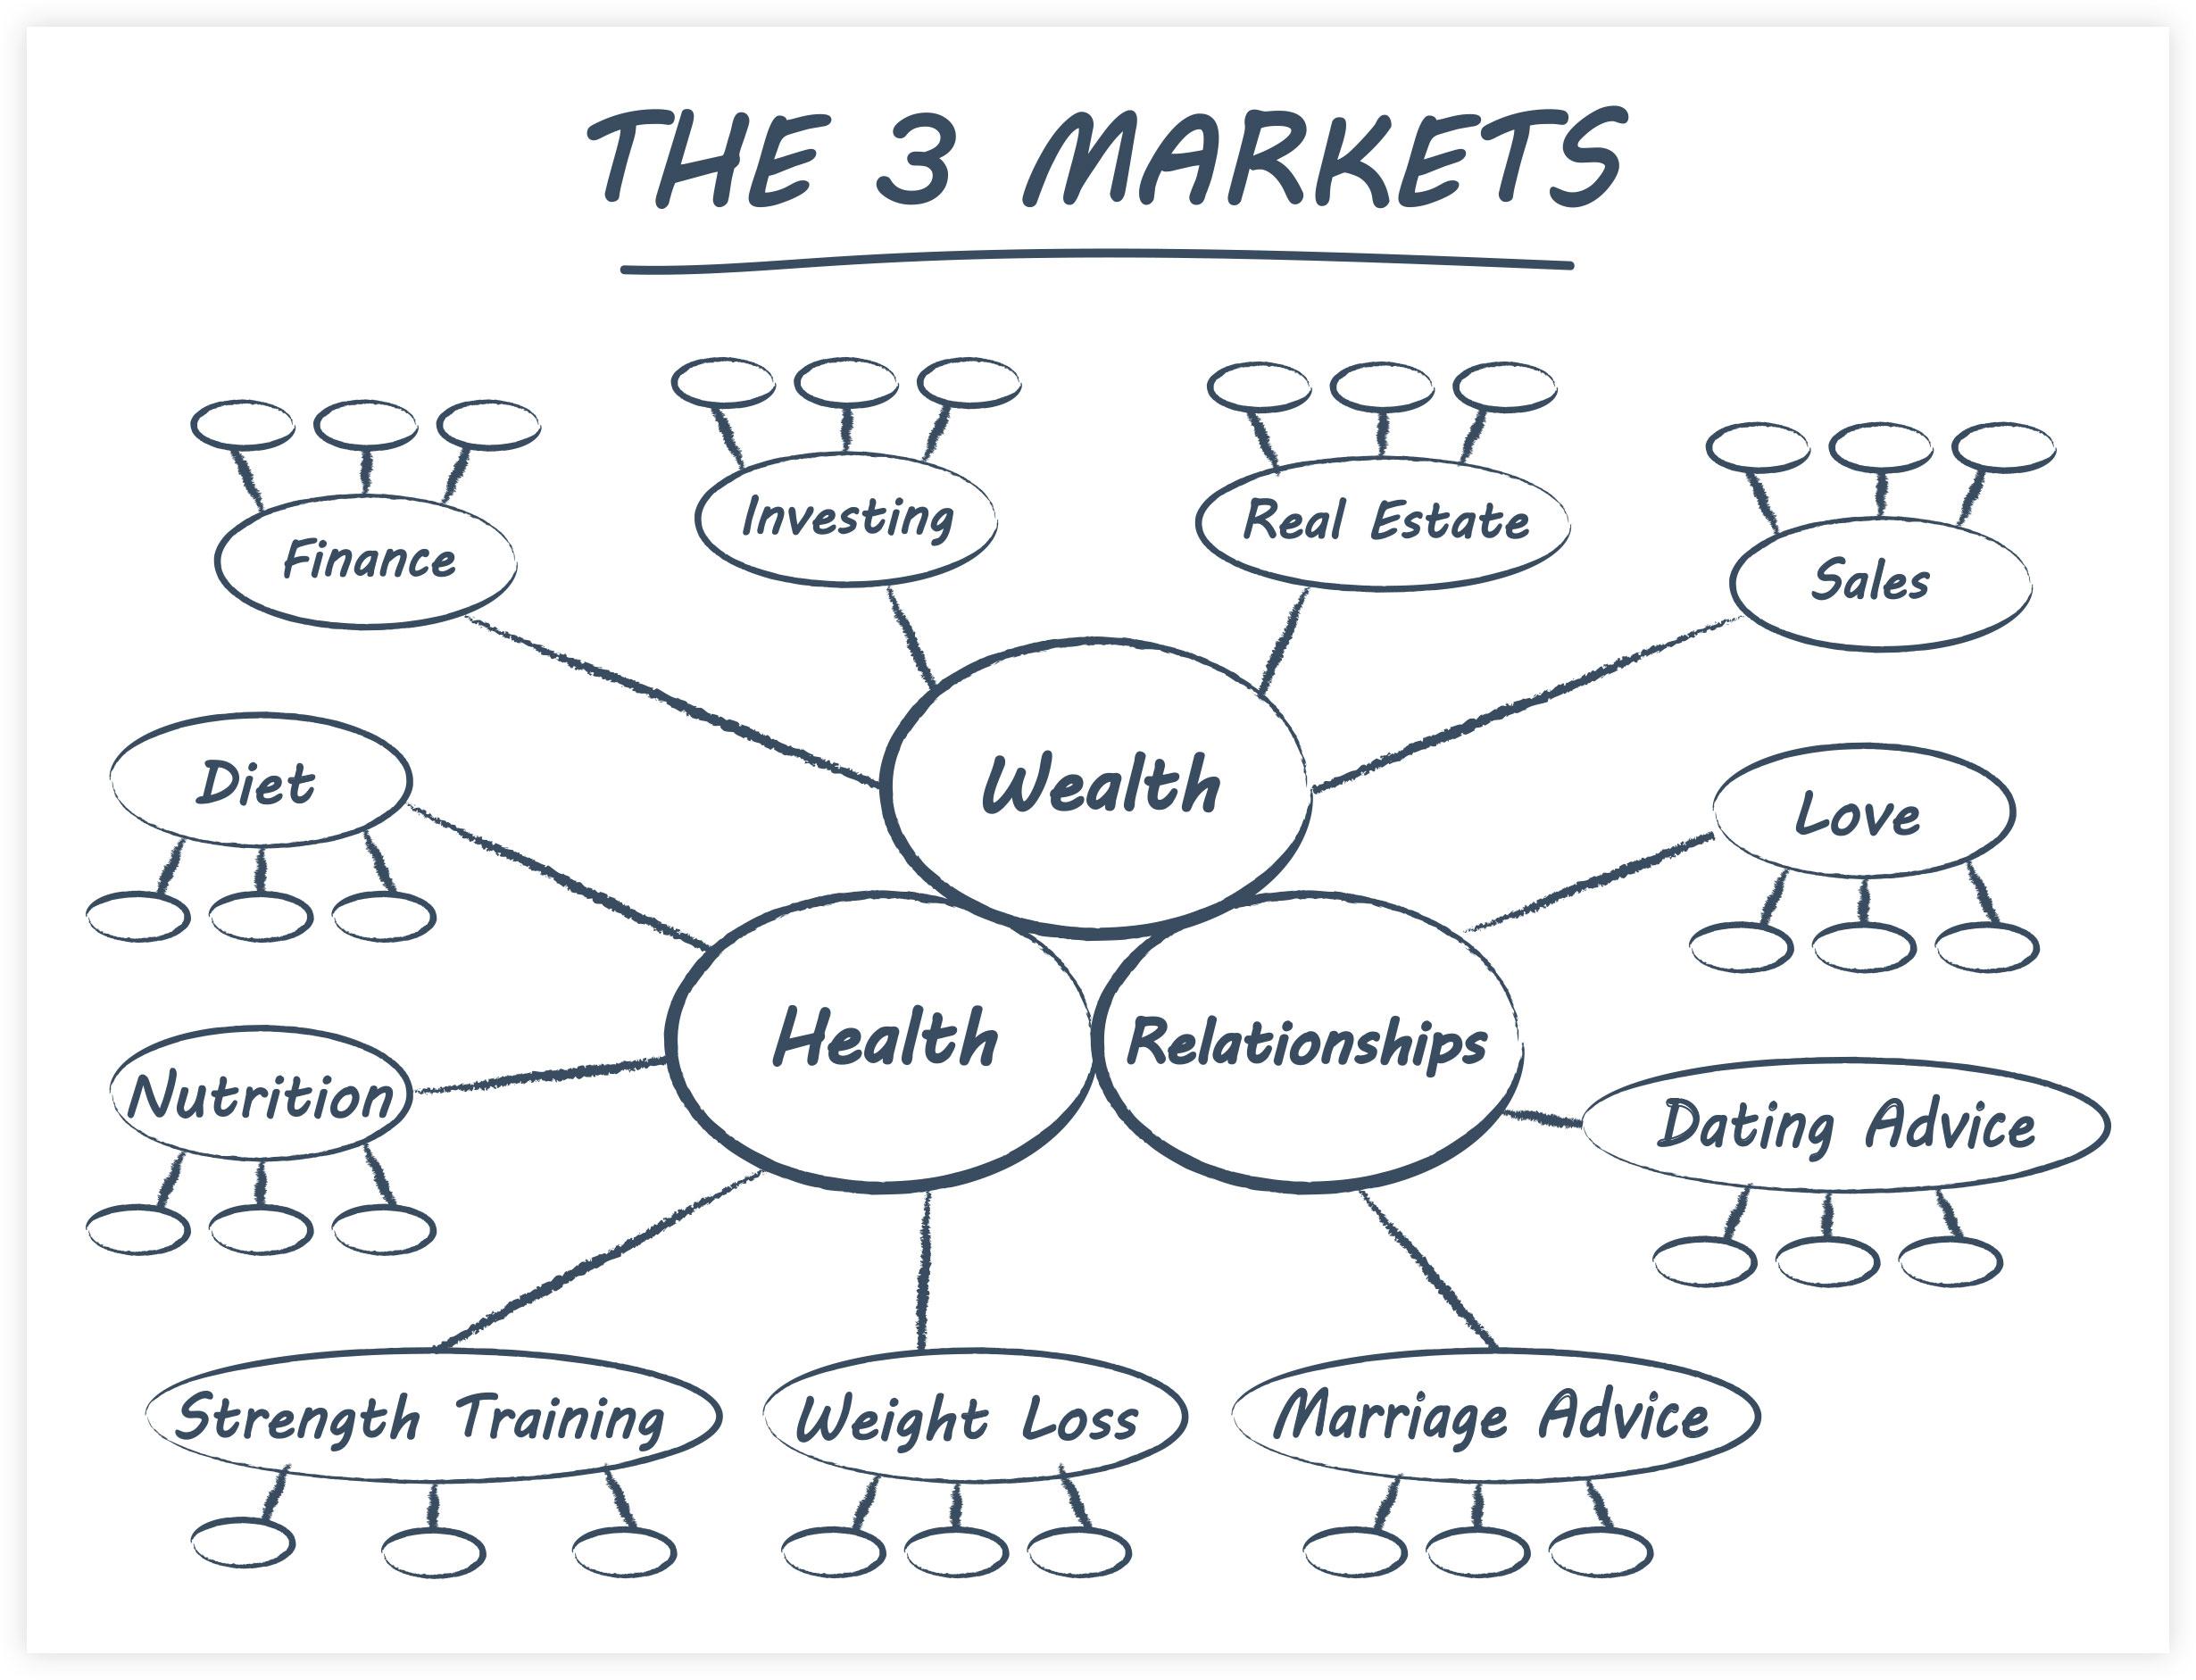 Russel Brunson Expert Secrets: The 3 Markets to Business Success